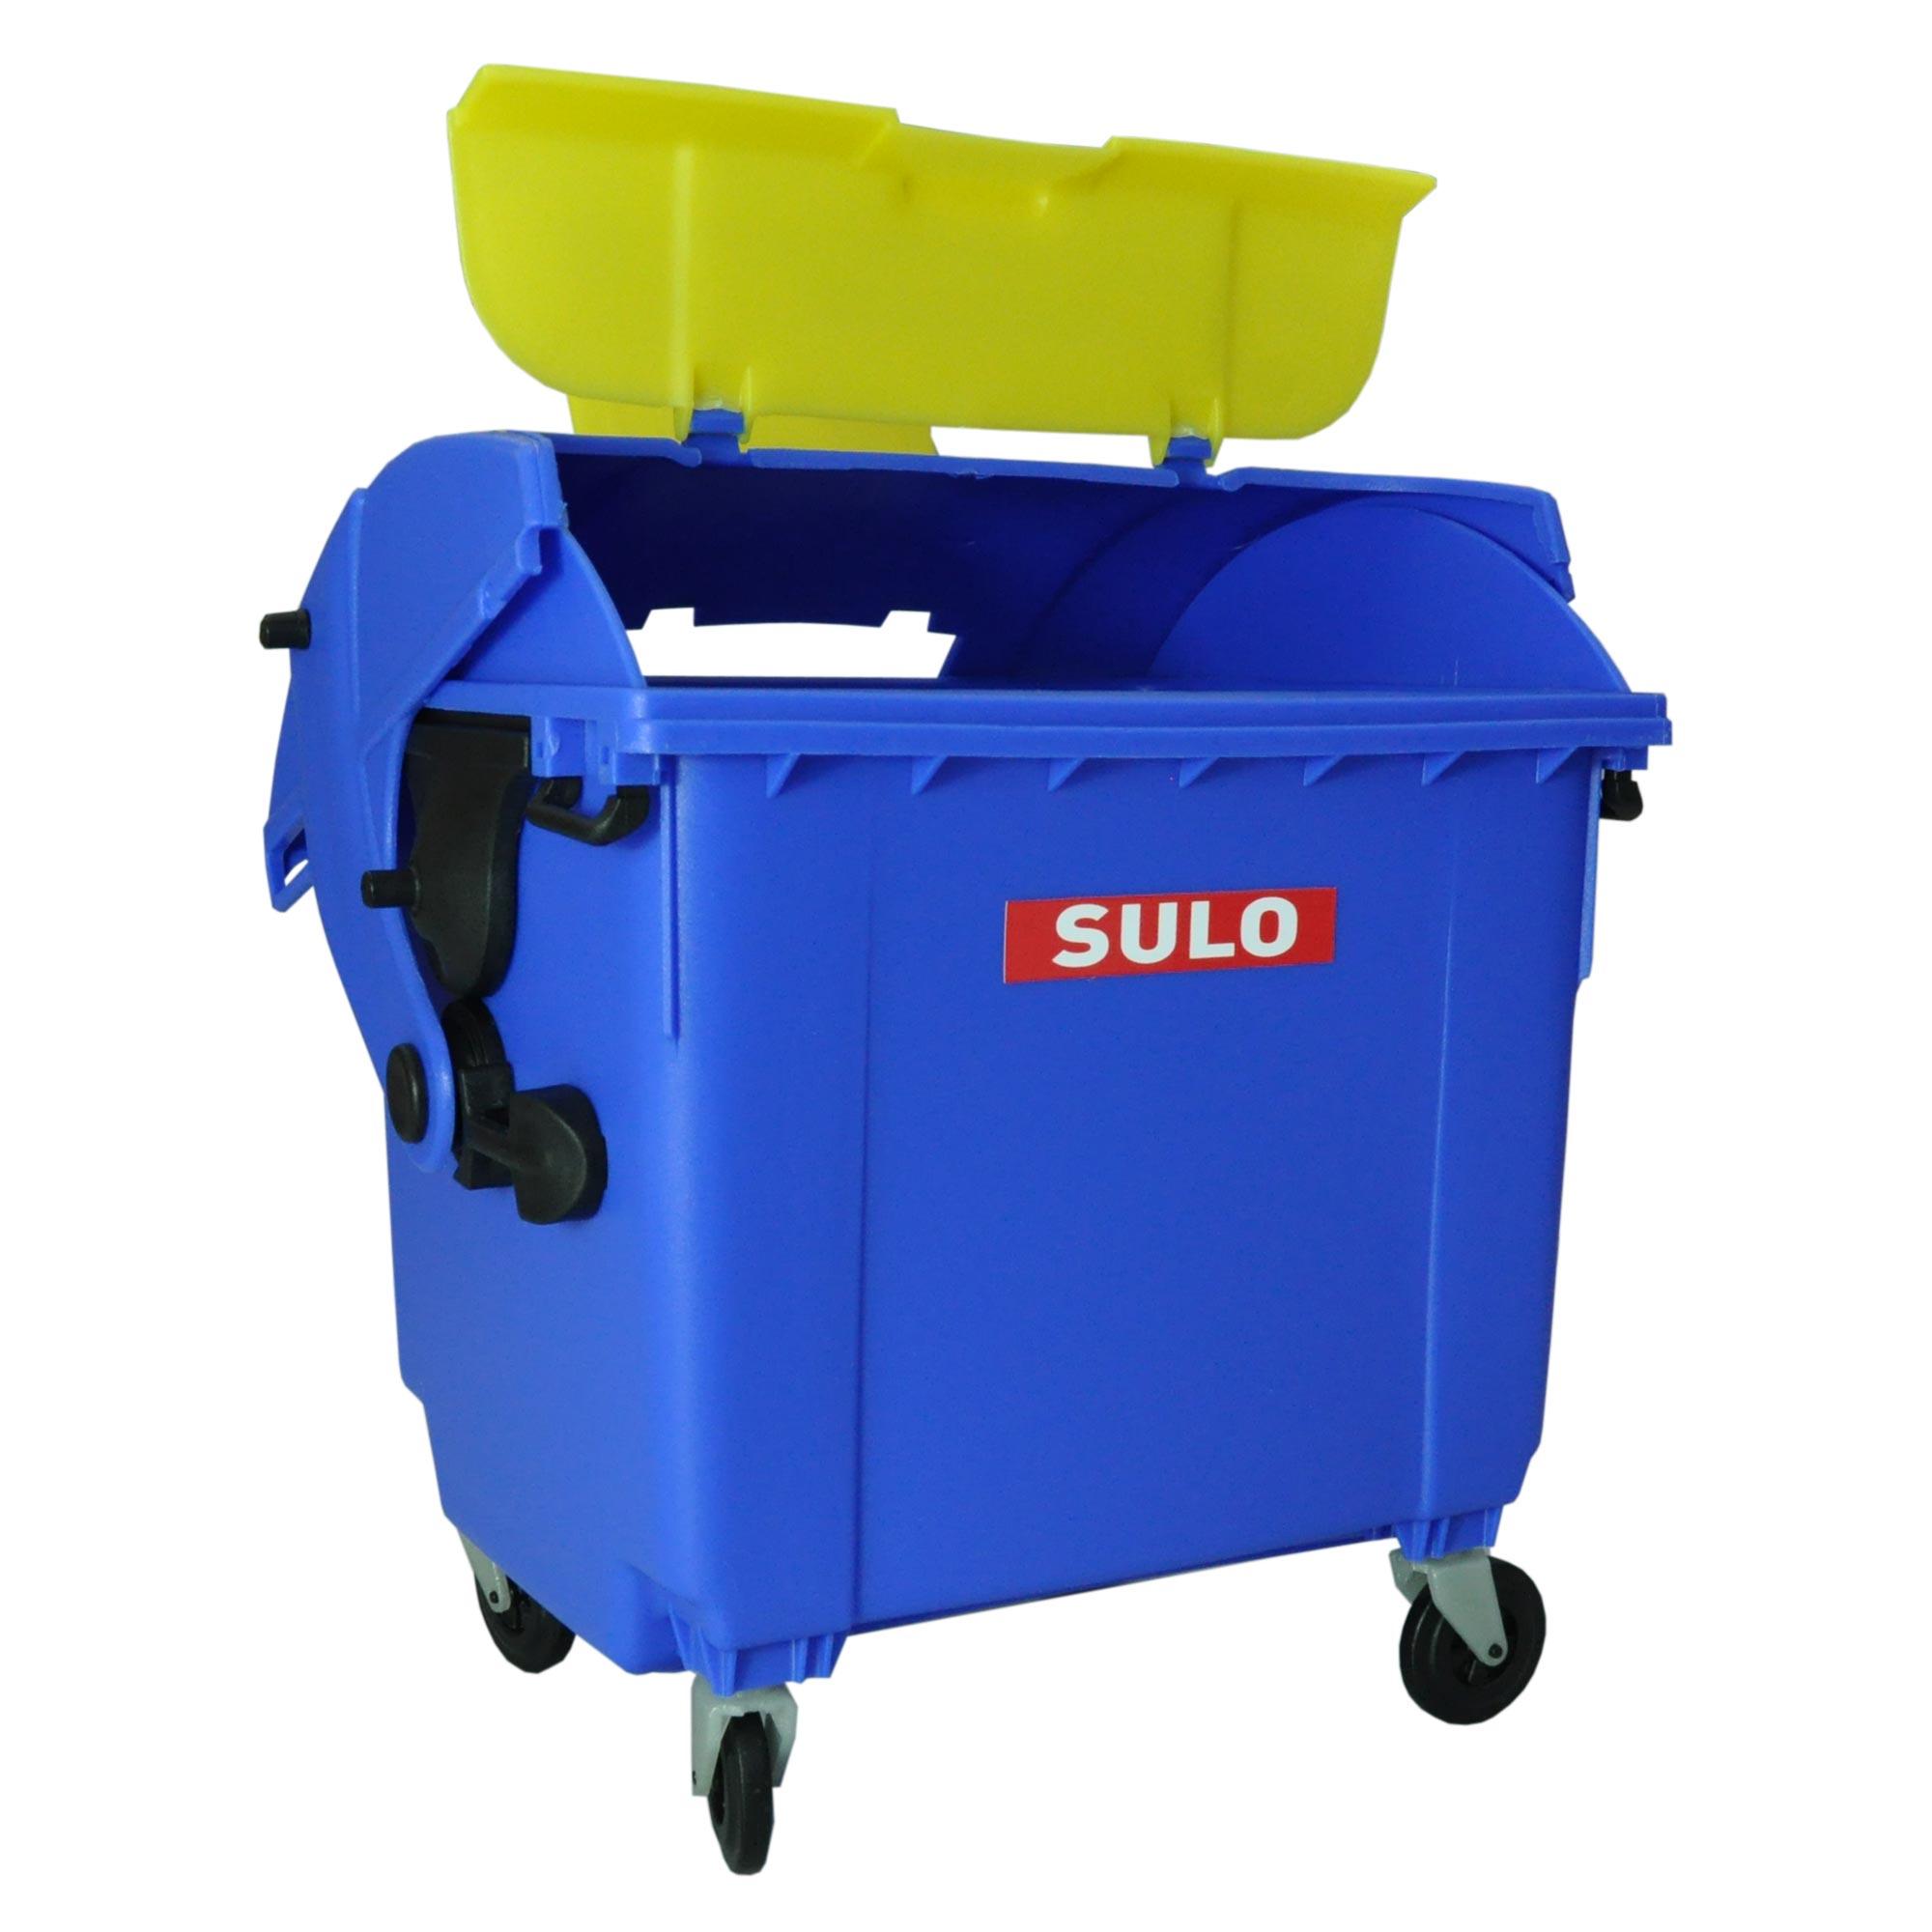 2x mini container sulo 1100 l bleu pot crayons vide poche jouet 2x22103 - Fabricant maison container ...